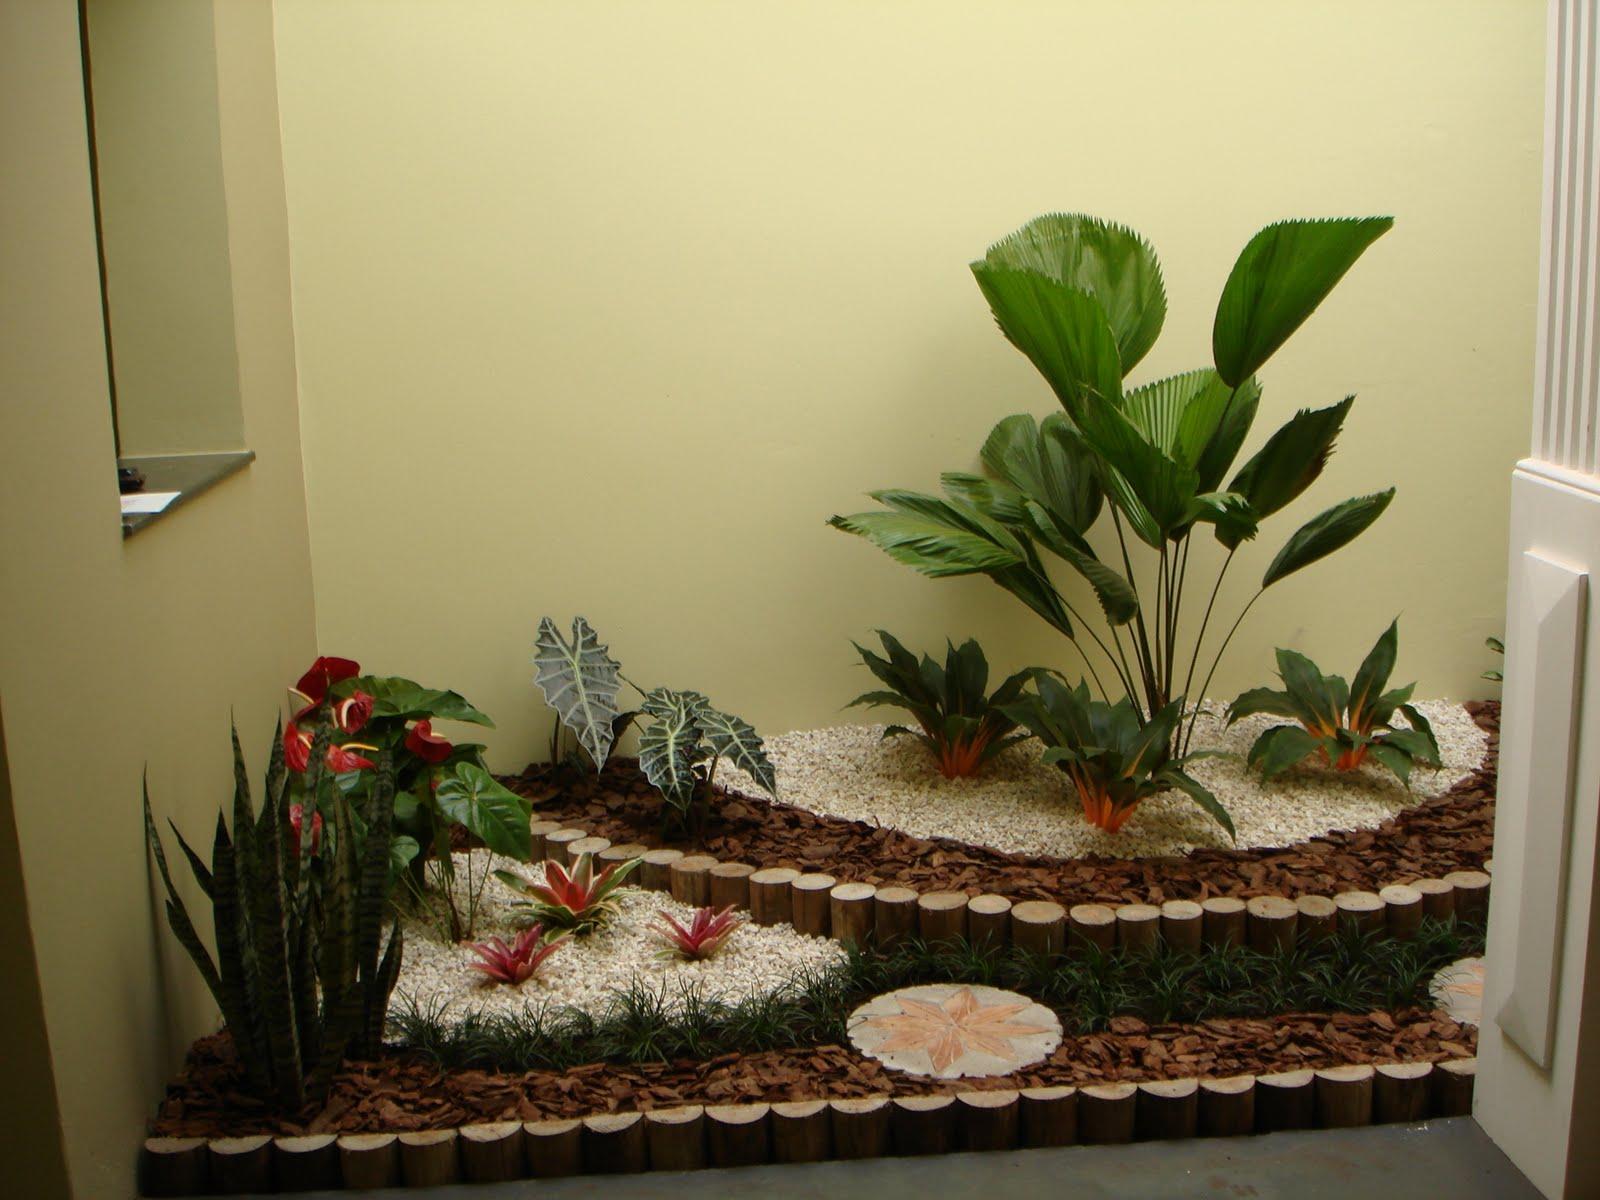 fotos jardim de inverno interno:Casas Com Jardim De Inverno #456016 1600x1200 Banheiro Com Jardim Interno